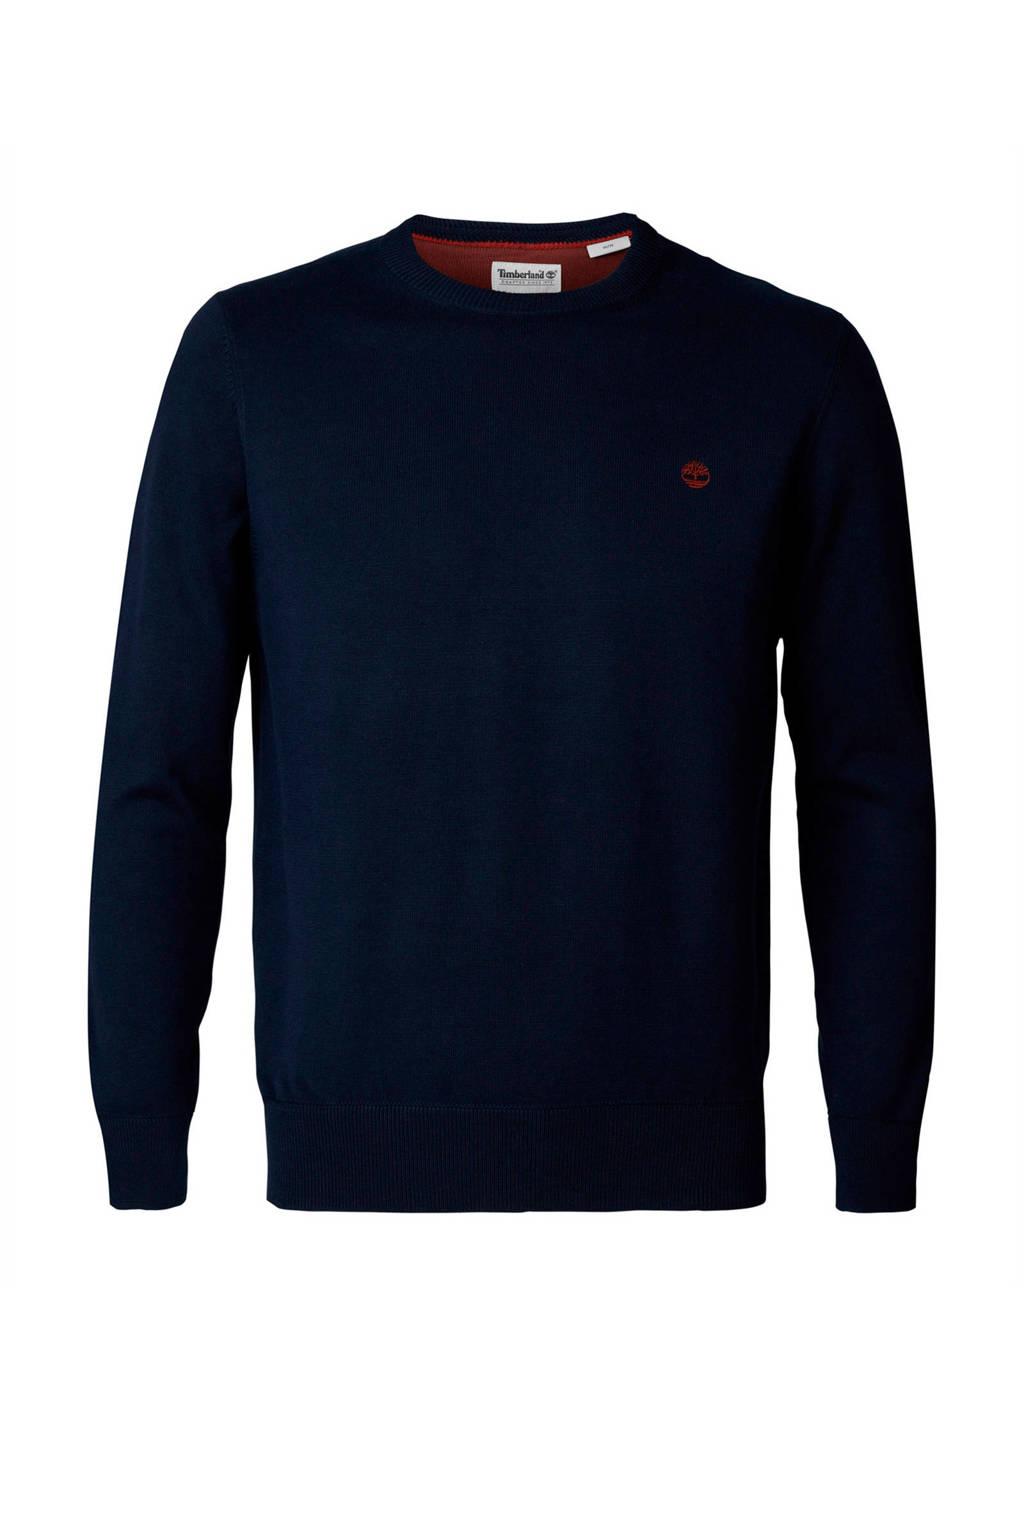 Timberland sweater marine, Marine